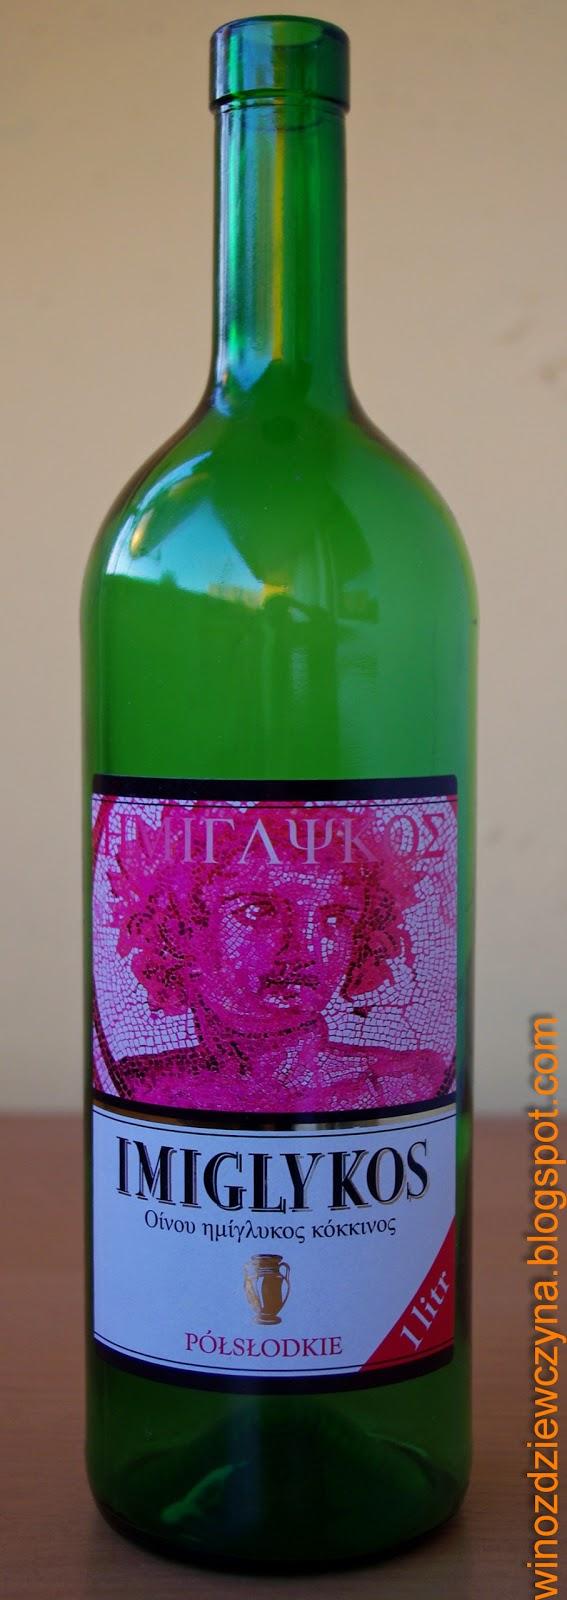 greckie wino półsłodkie